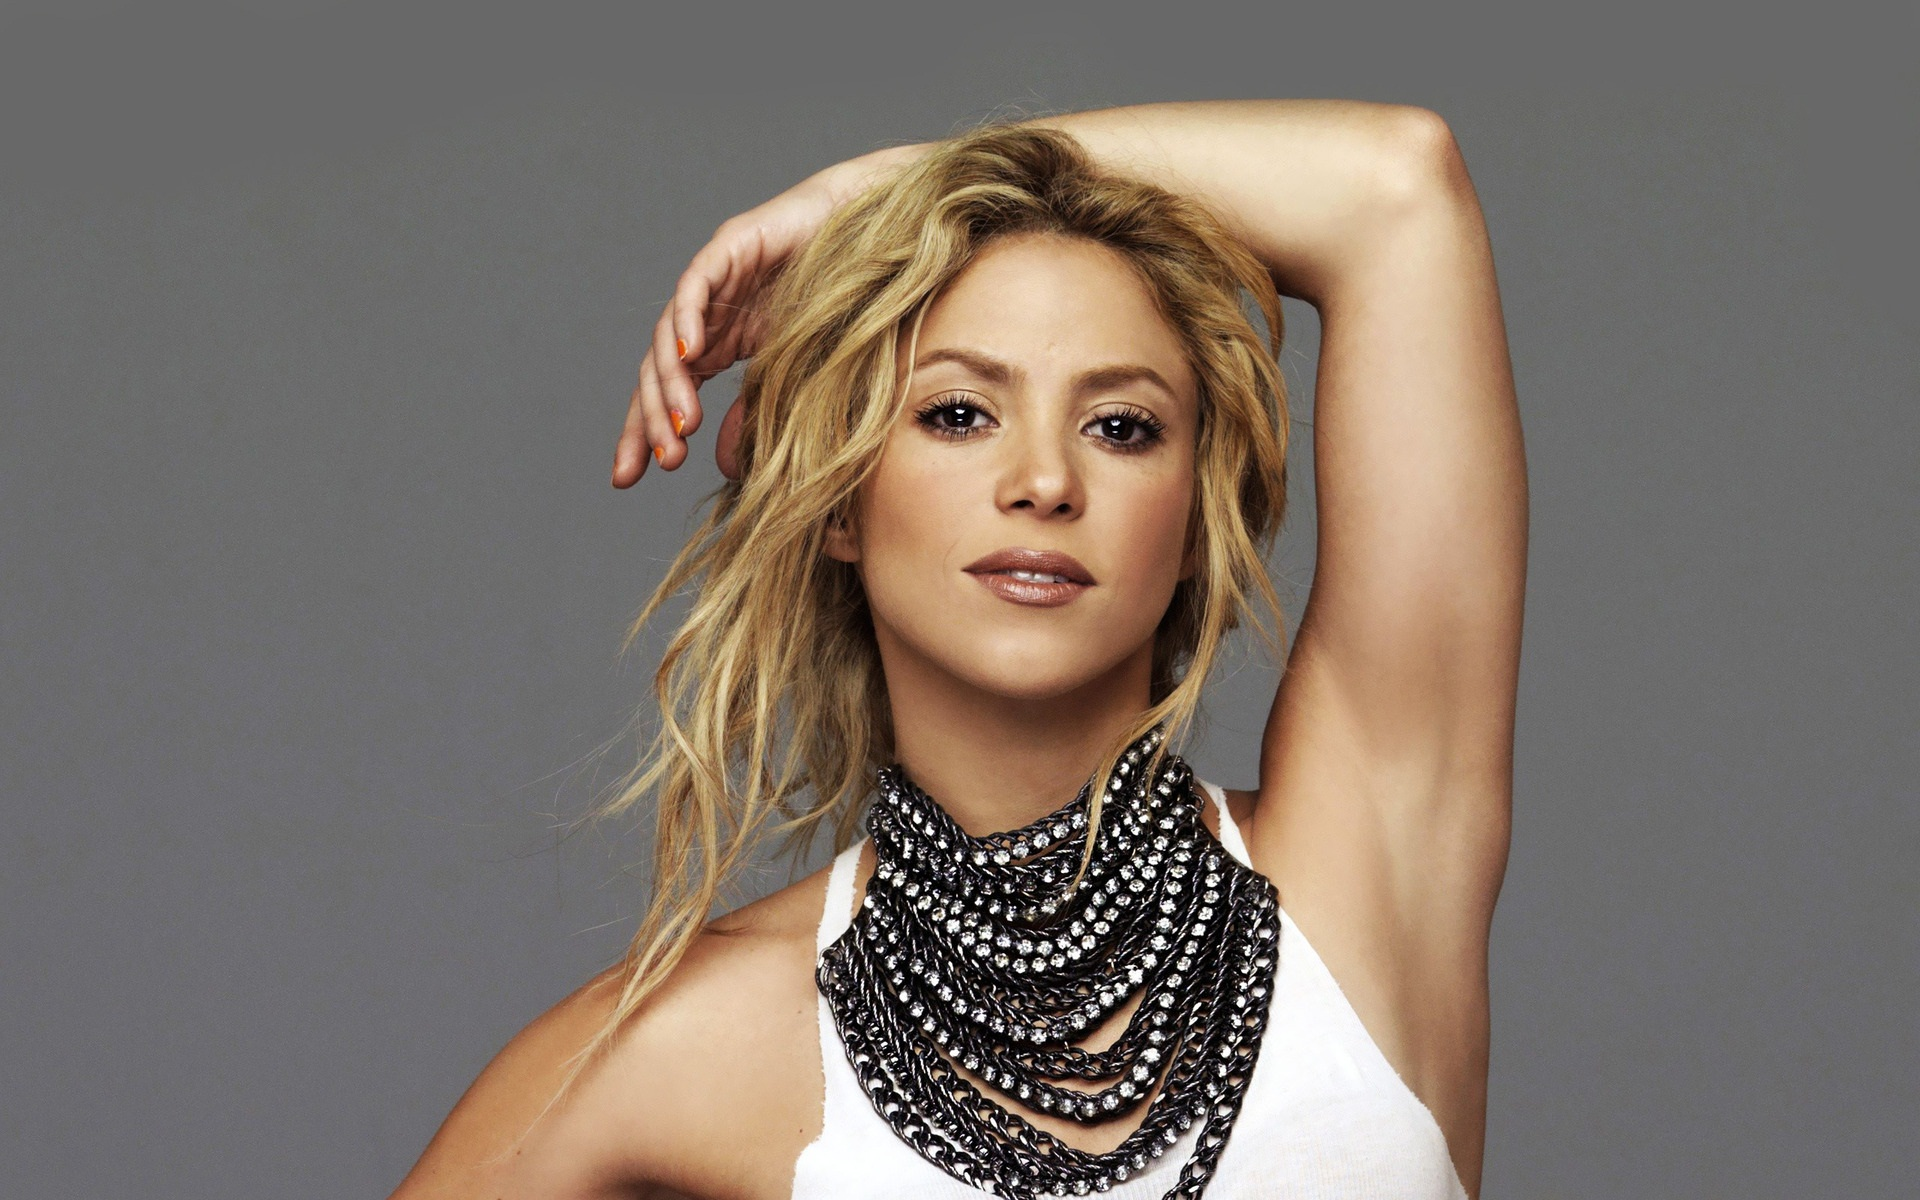 Познавате ли тази Шакира? Интересните факти, които едва ли знаете за нея